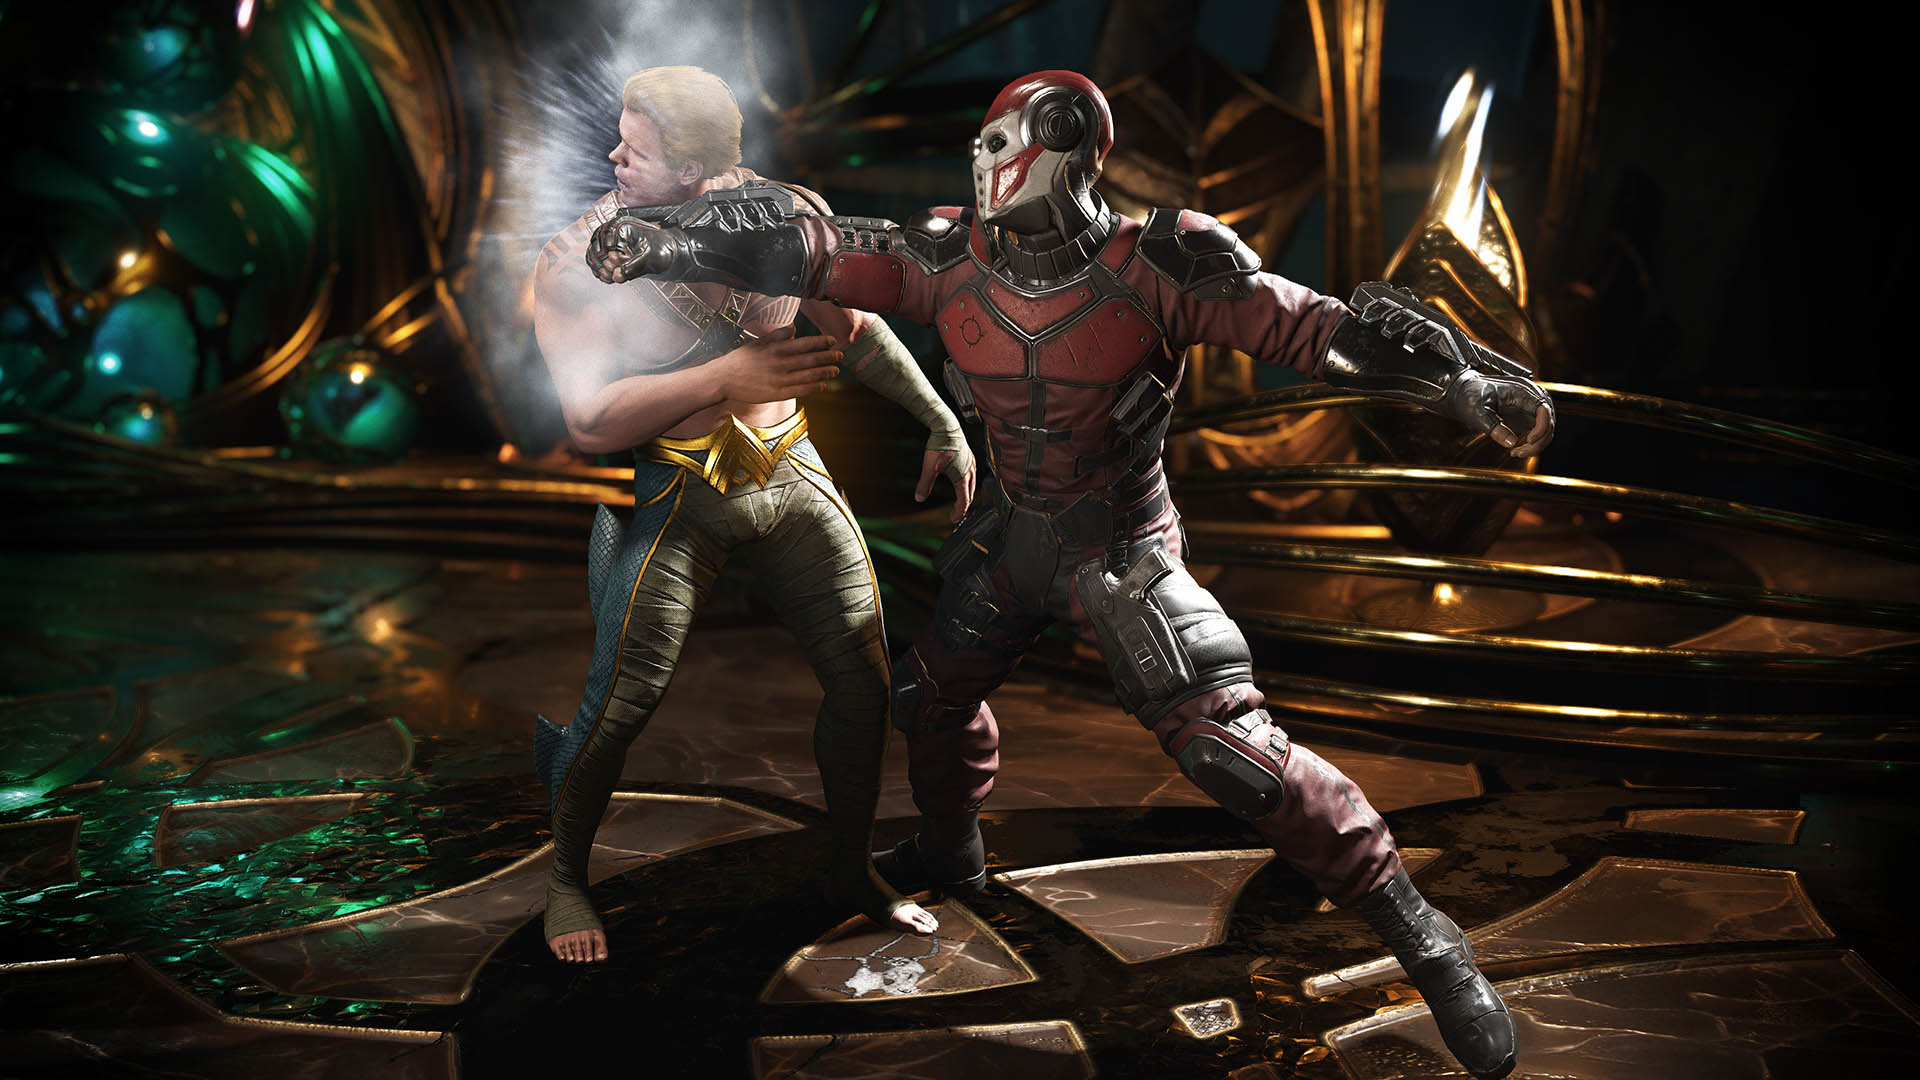 Травмирующая культура кранчей в студии-разработчике серии «Mortal Kombat» - 2